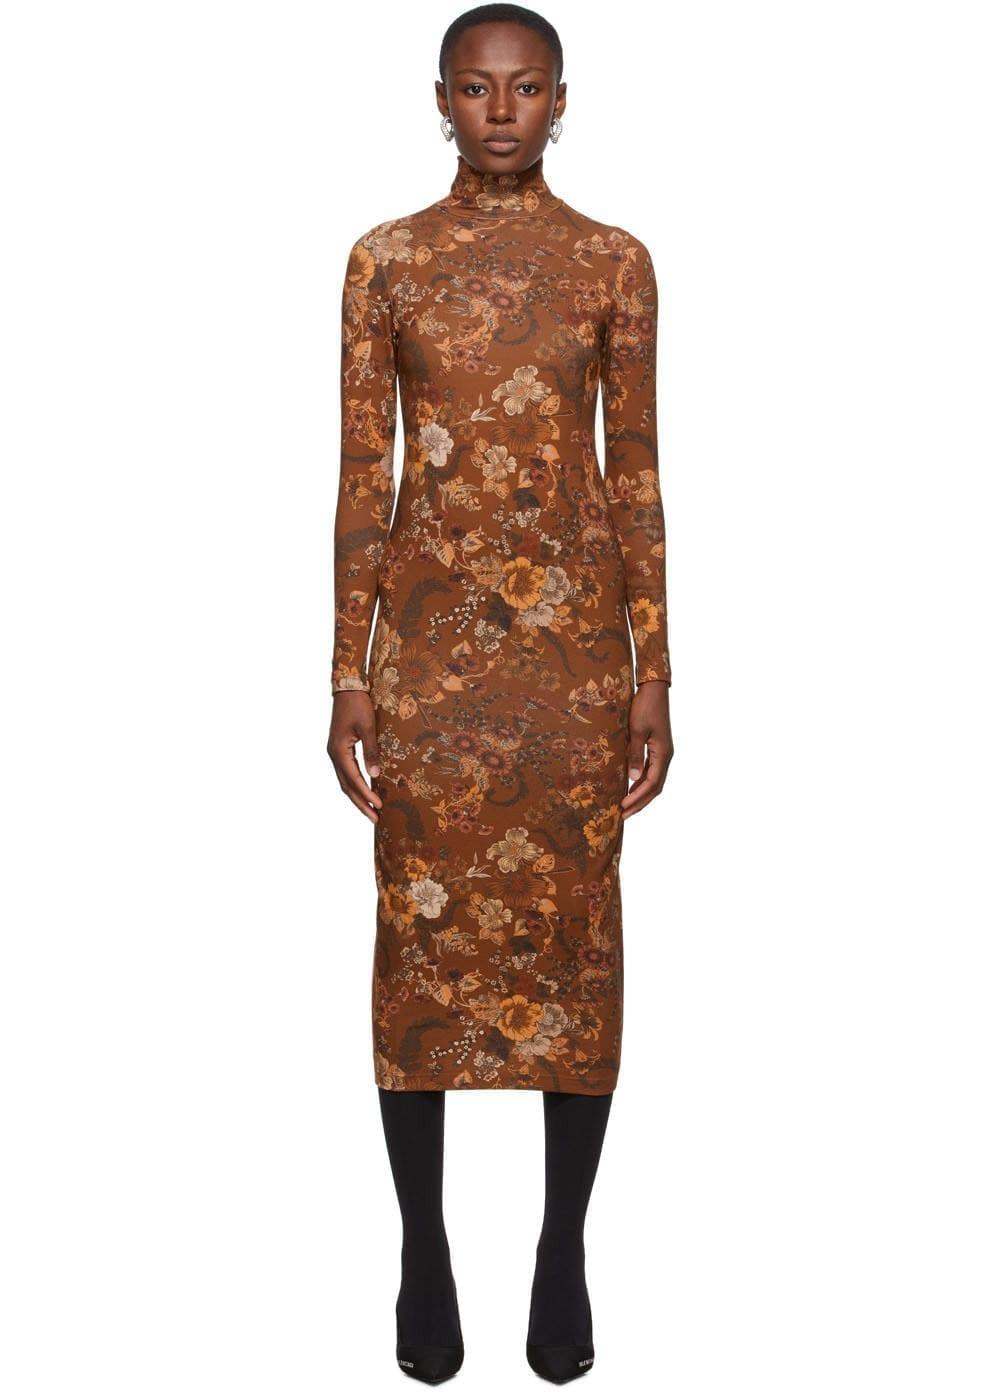 BALENCIAGA Brown Floral Print Dress